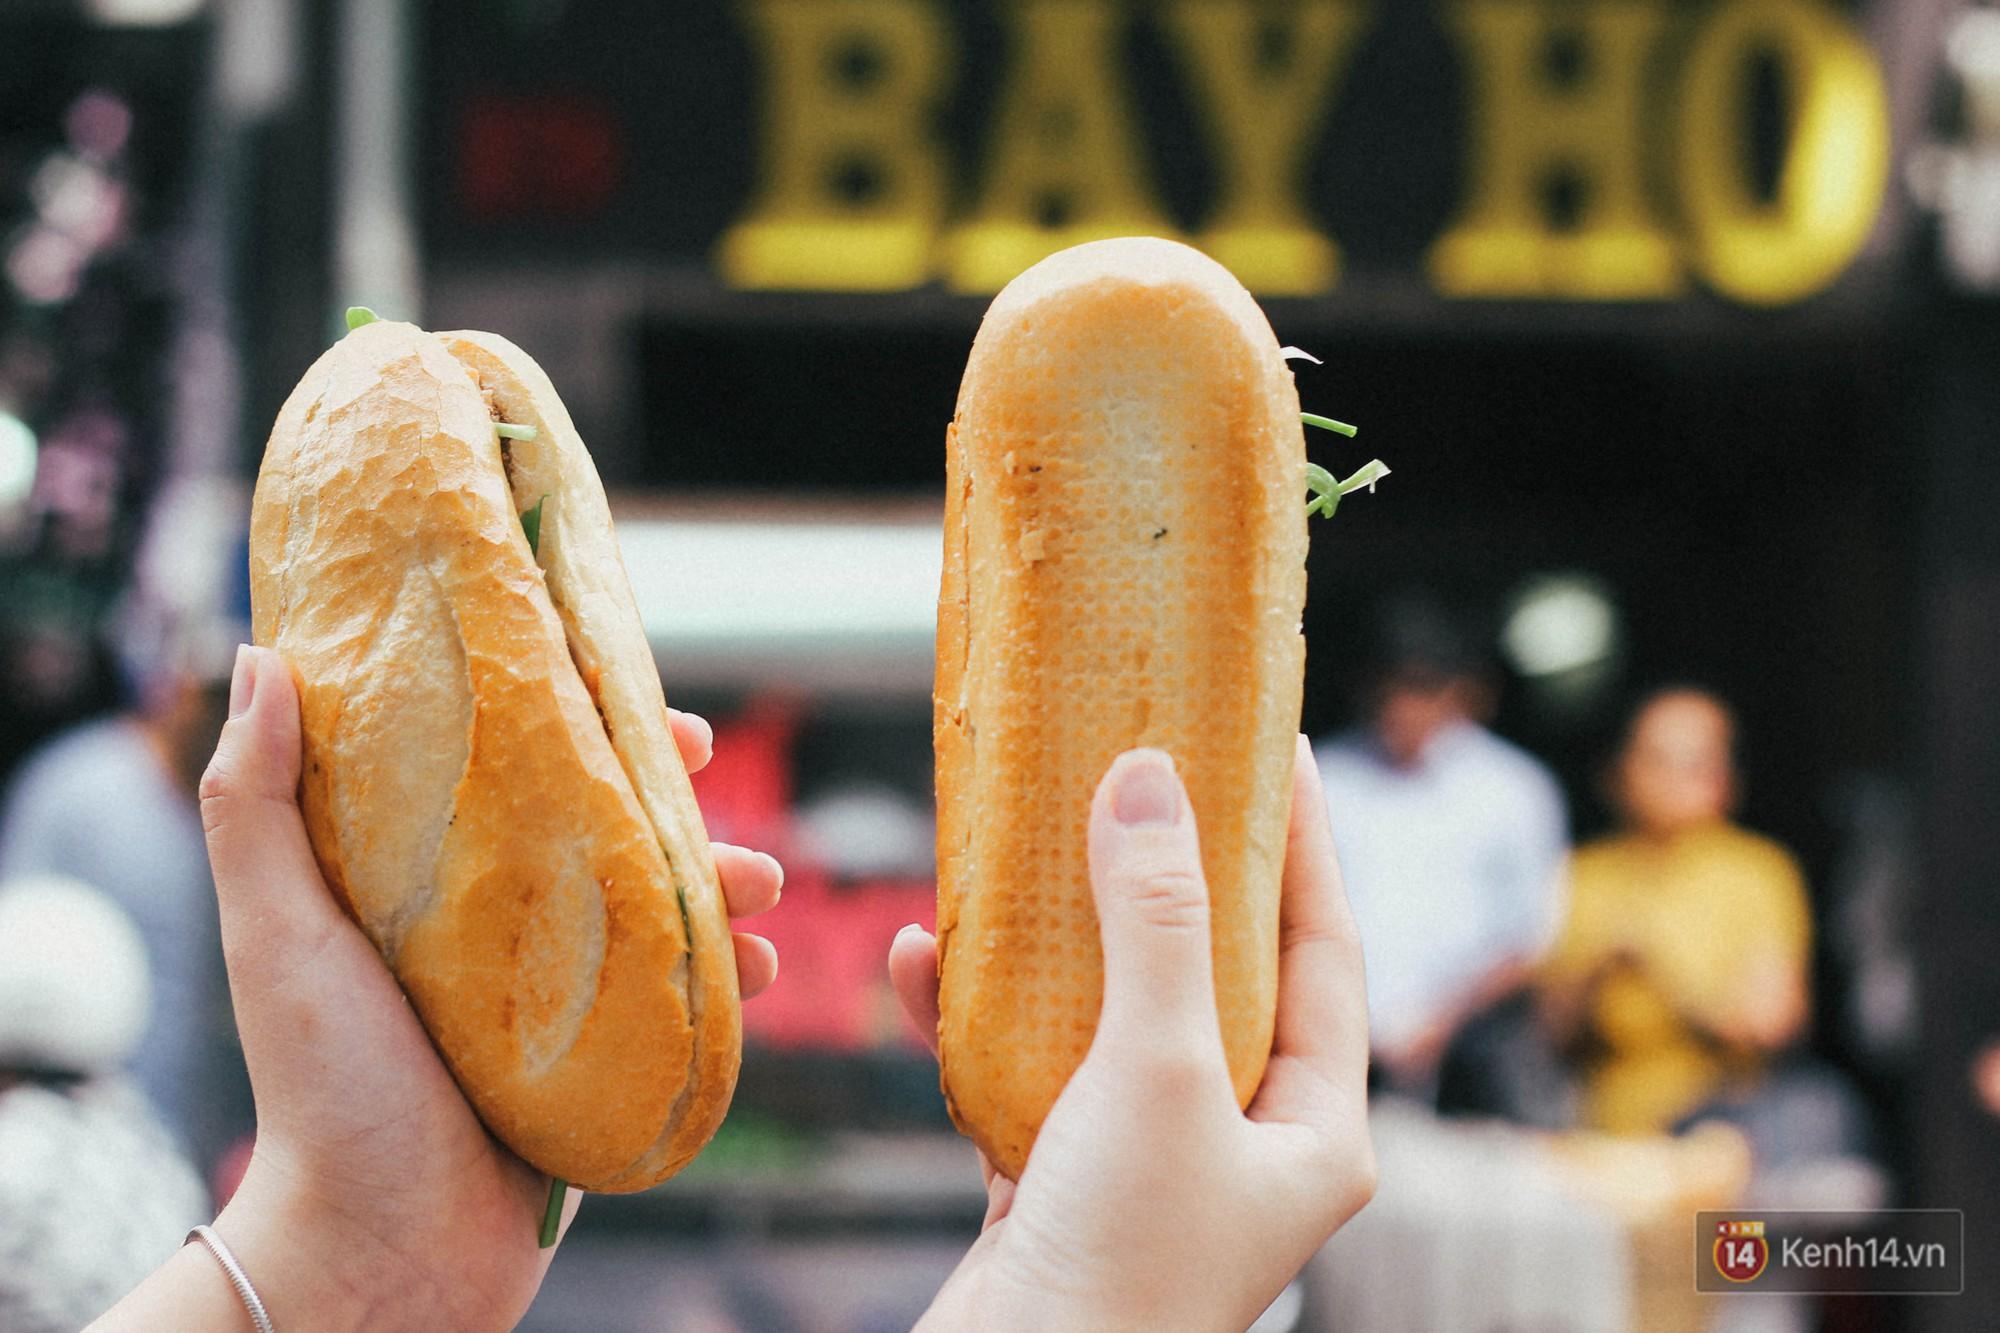 Xe bánh mì nổi danh khắp Sài Gòn gần 1 thế kỷ với món pate nướng thần thánh - Ảnh 2.